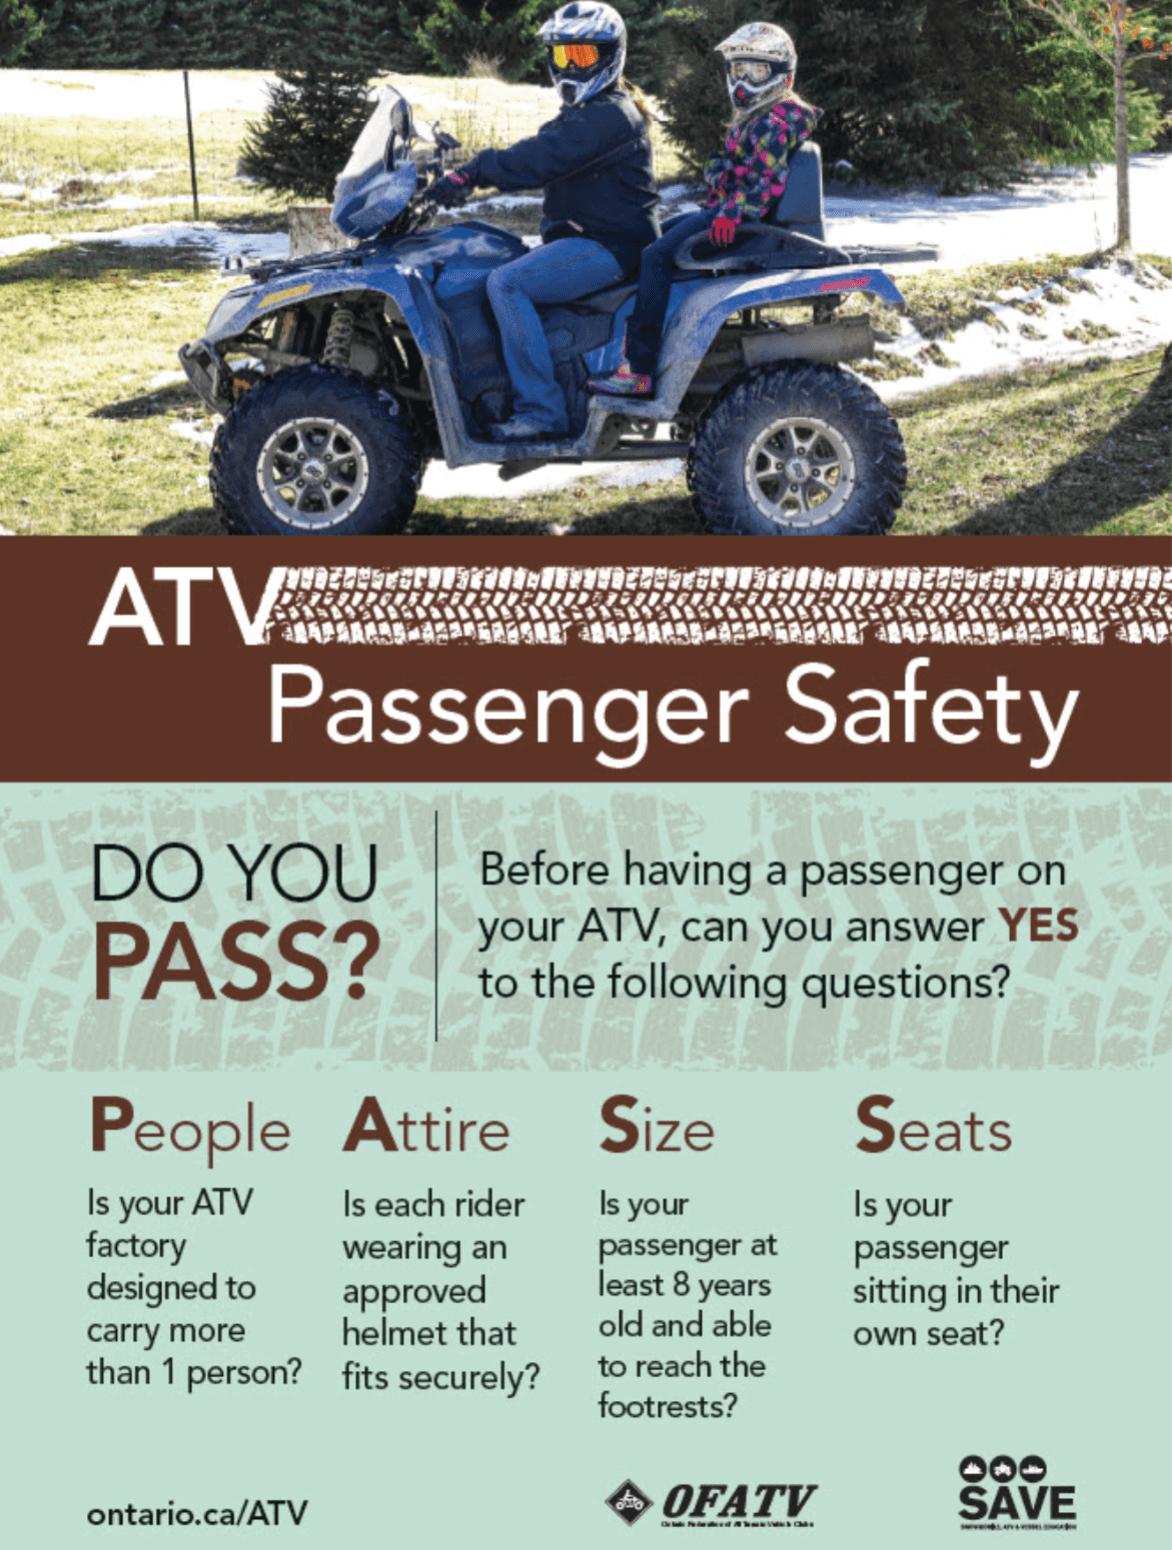 ATV Passenger Safety Poster